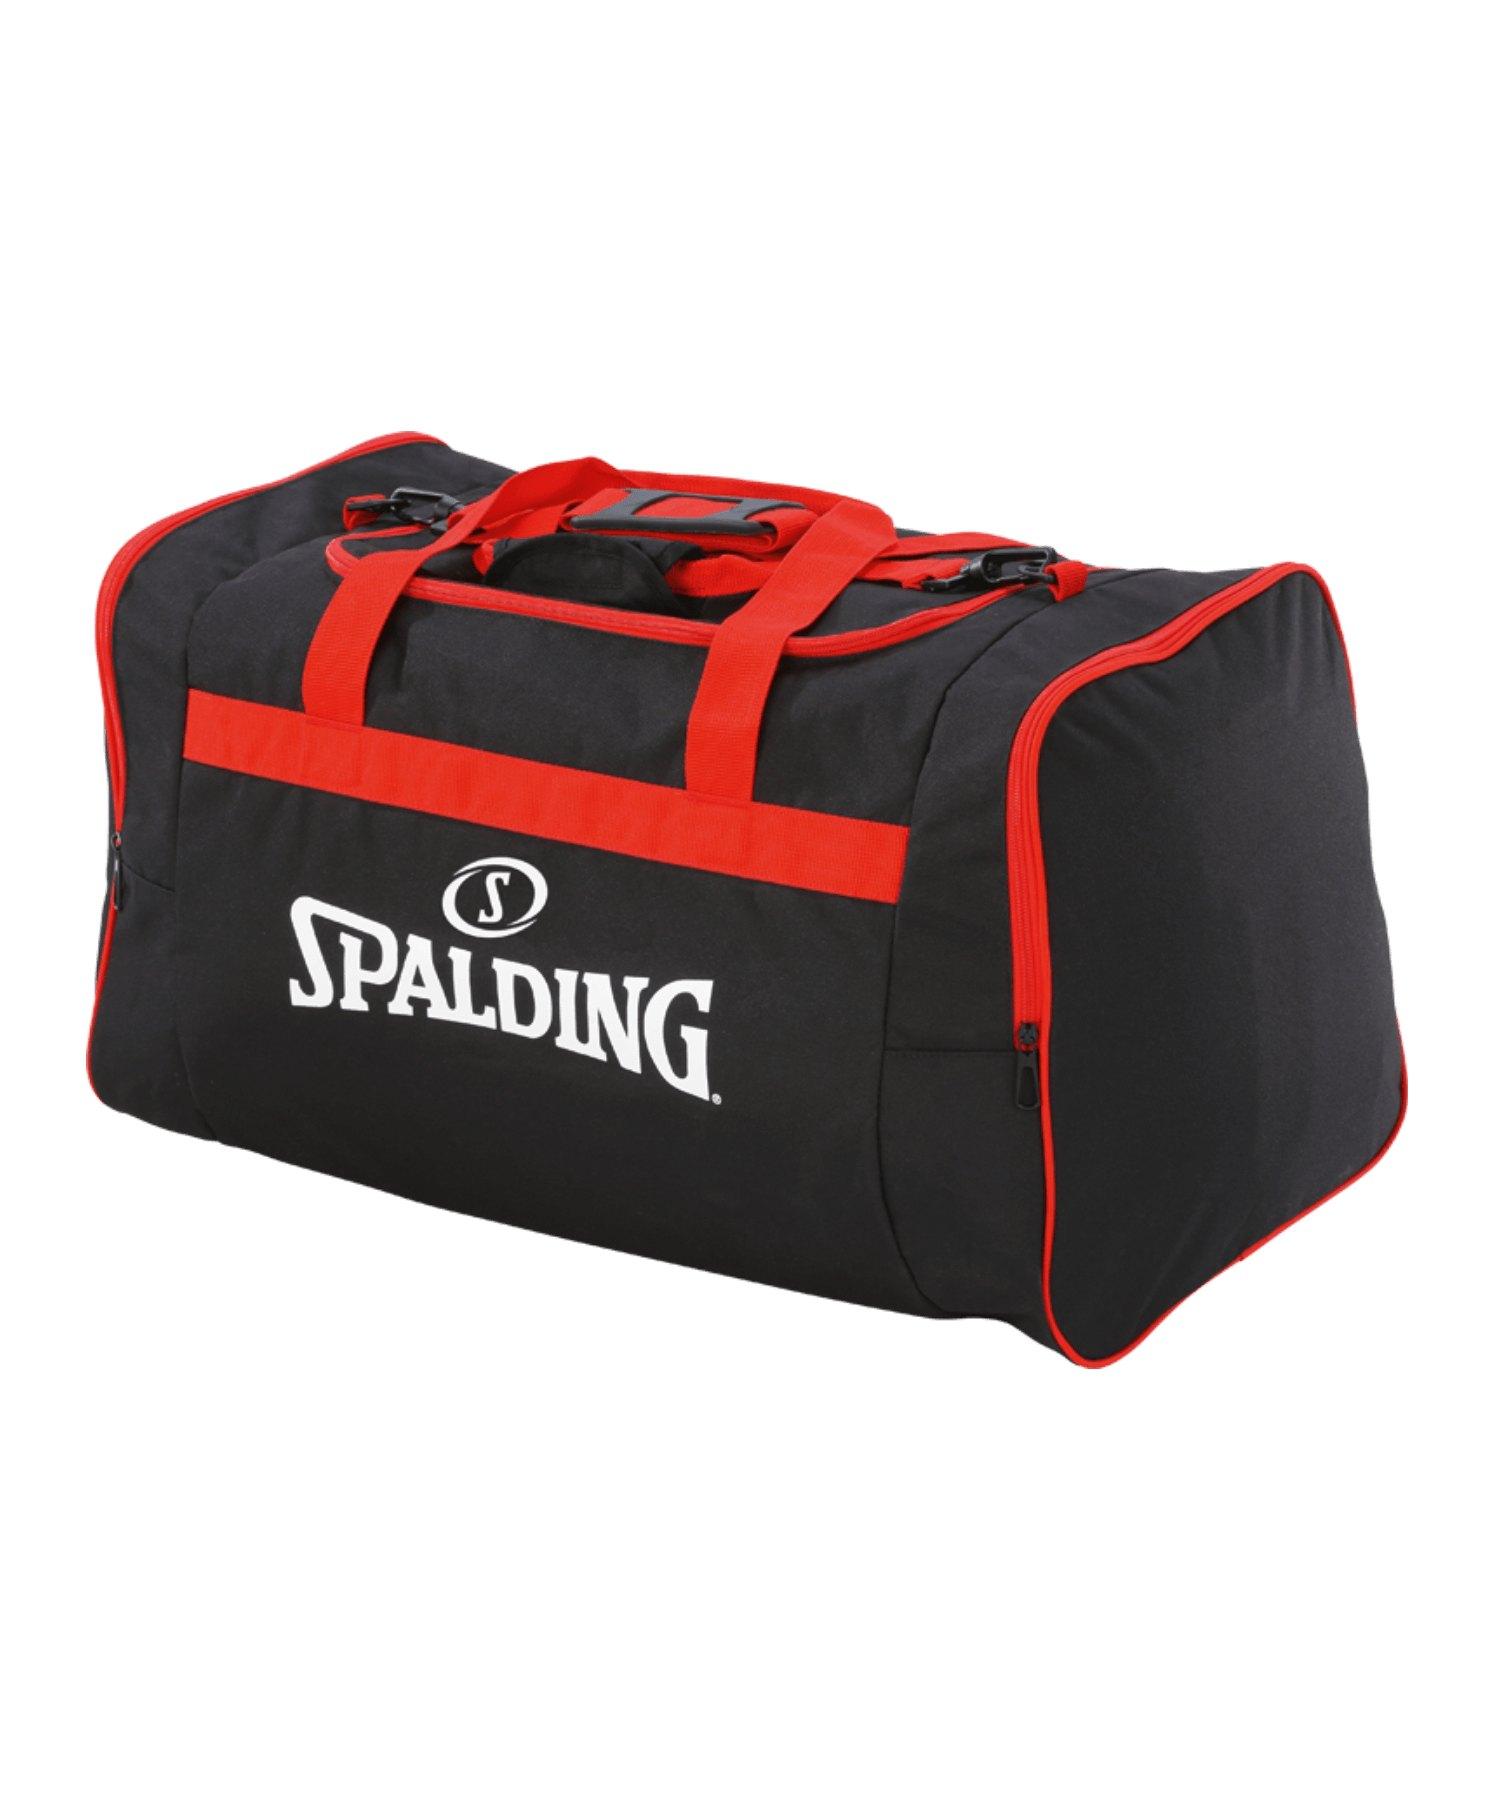 Uhlsport Team Bag Tasche Large Schwarz Weiss F03 - schwarz